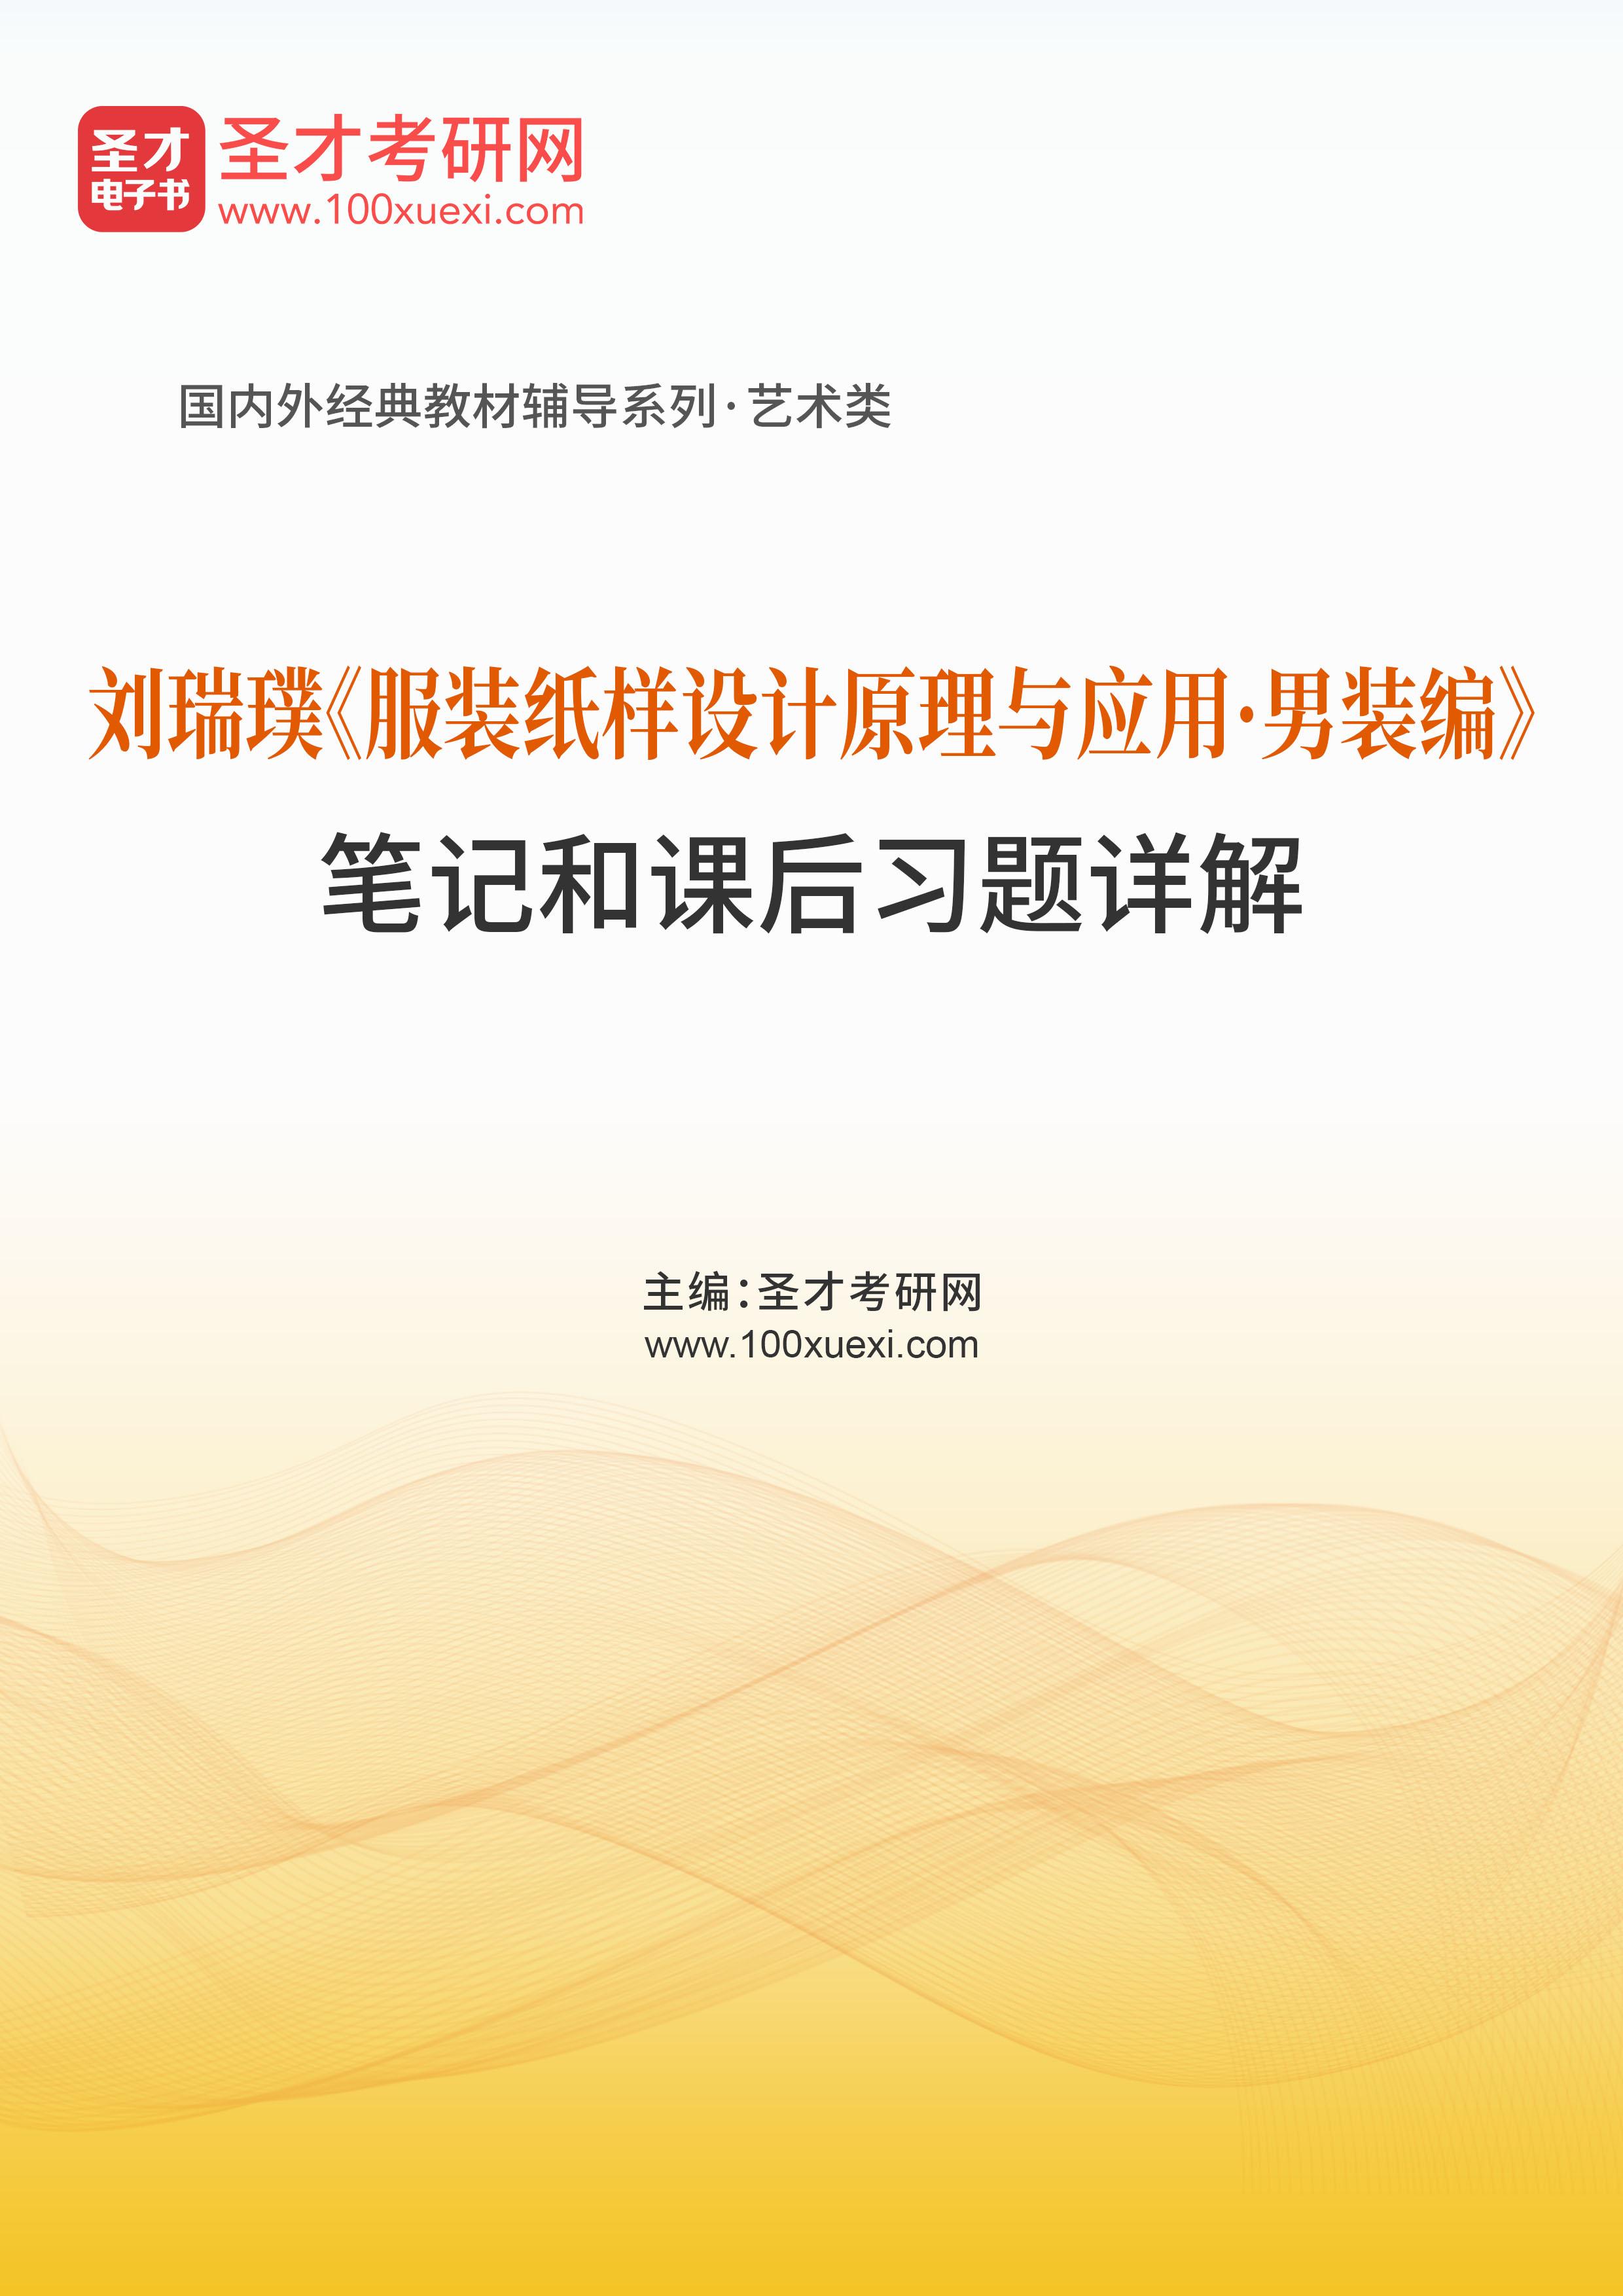 刘瑞璞《服装纸样设计原理与应用·男装编》笔记和课后习题详解